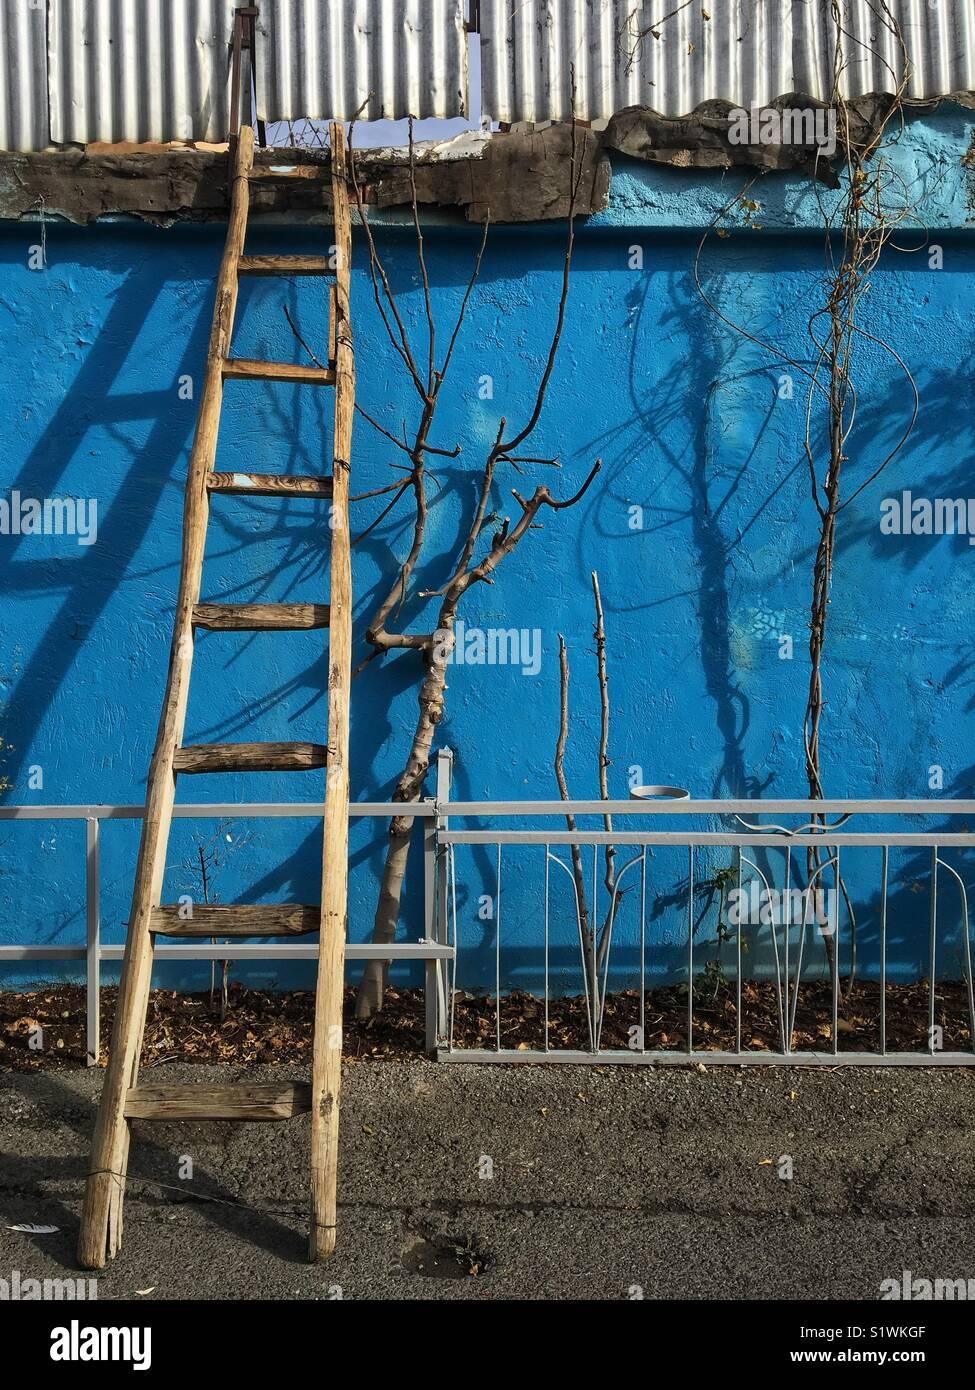 Une des échelles dans un mur bleu. Photo Stock